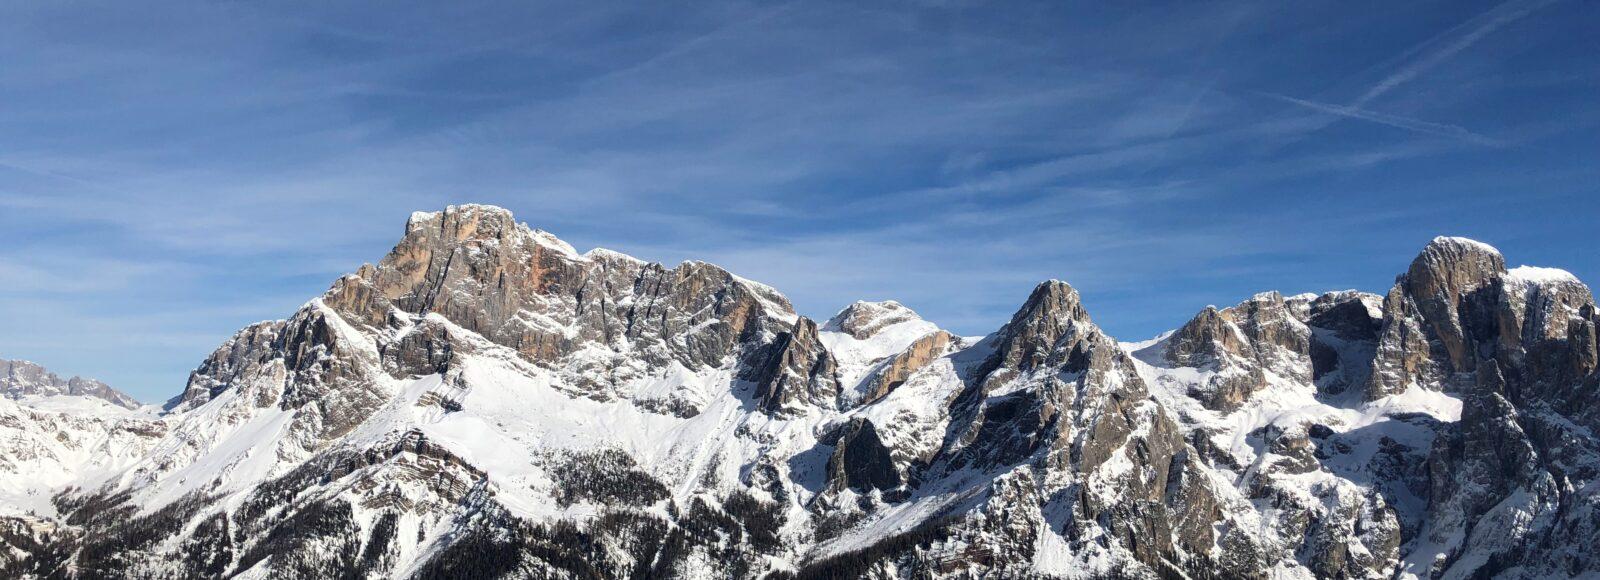 Dolomiti - Pale di San Martino di Castrozza - Trentino